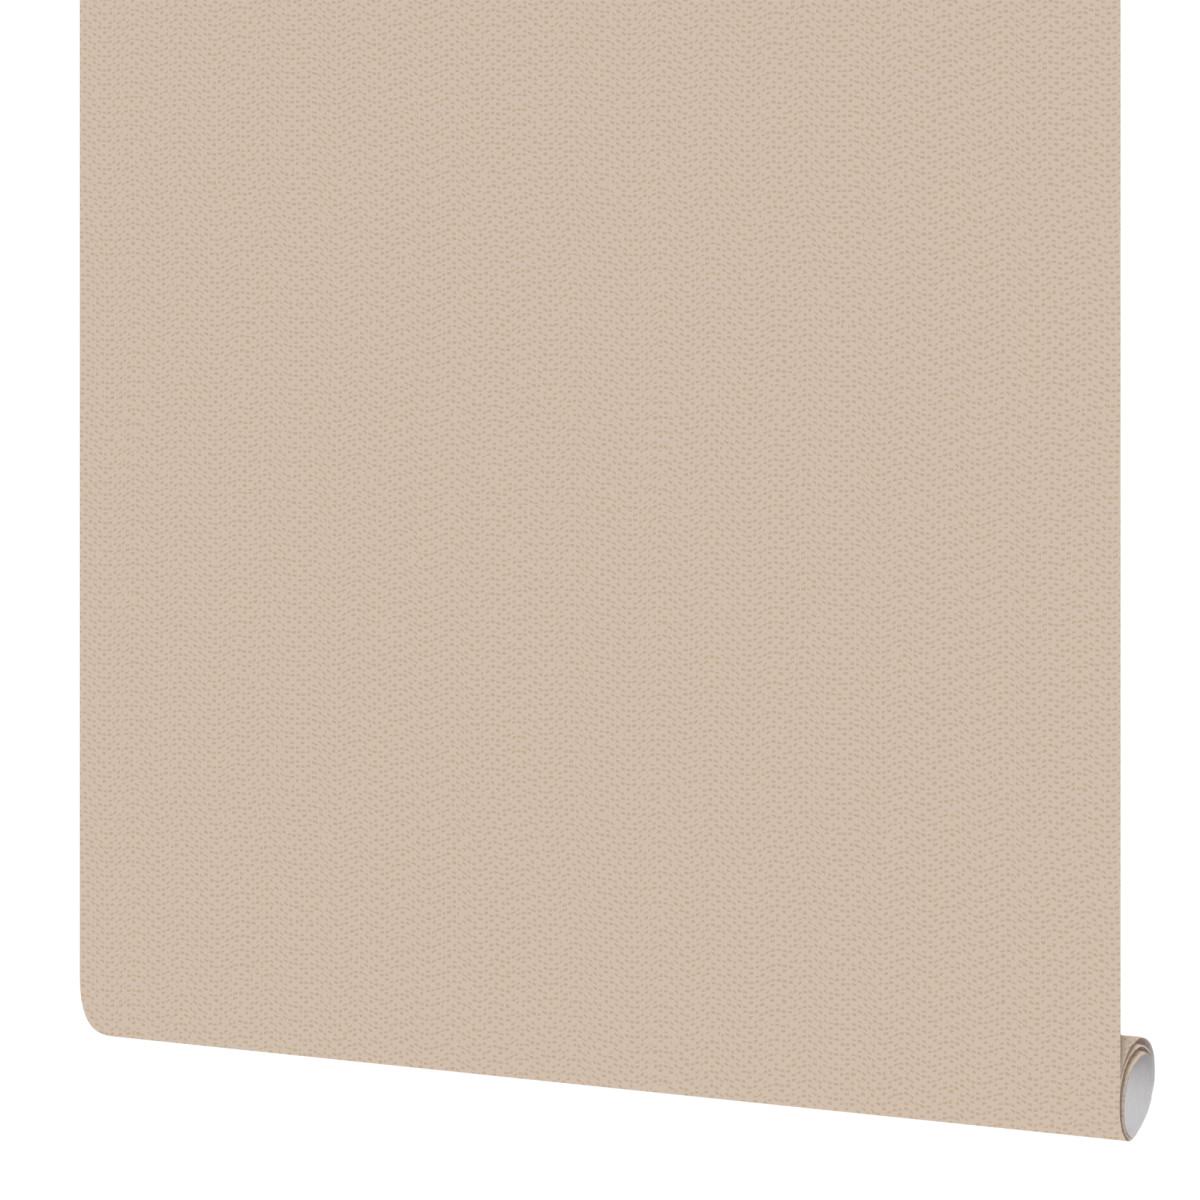 Обои флизелиновые Аспект Парадиз бежевые 1.06 м 70248-42